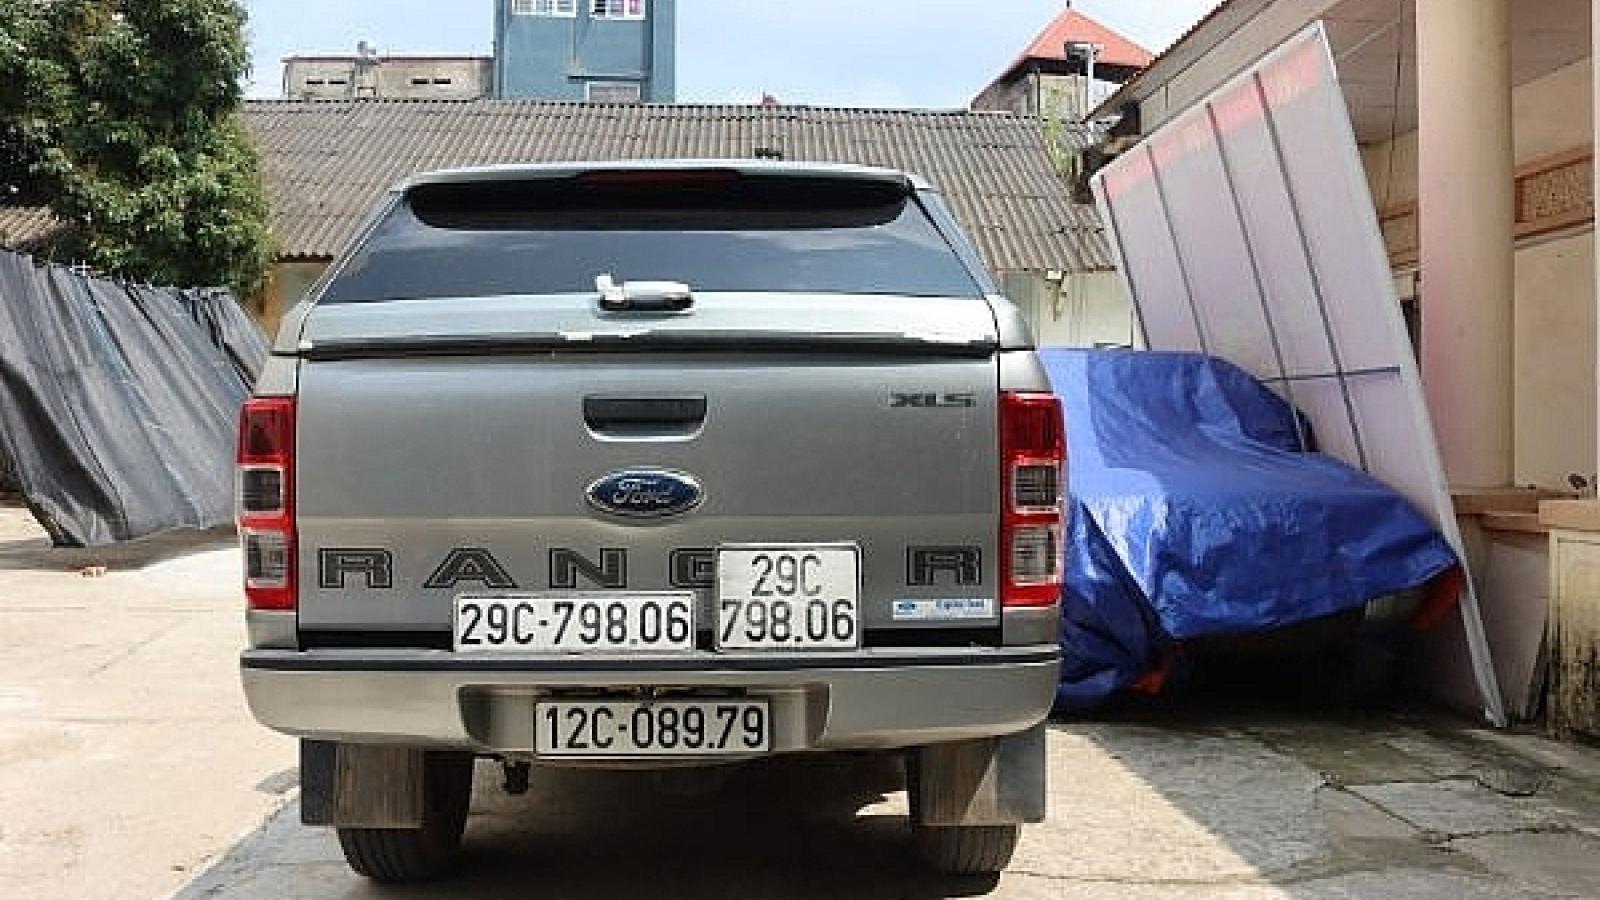 Xe ô tô dùng biển số giả vận chuyển gần 700 kg nguyên liệu thuốc bắc lậu